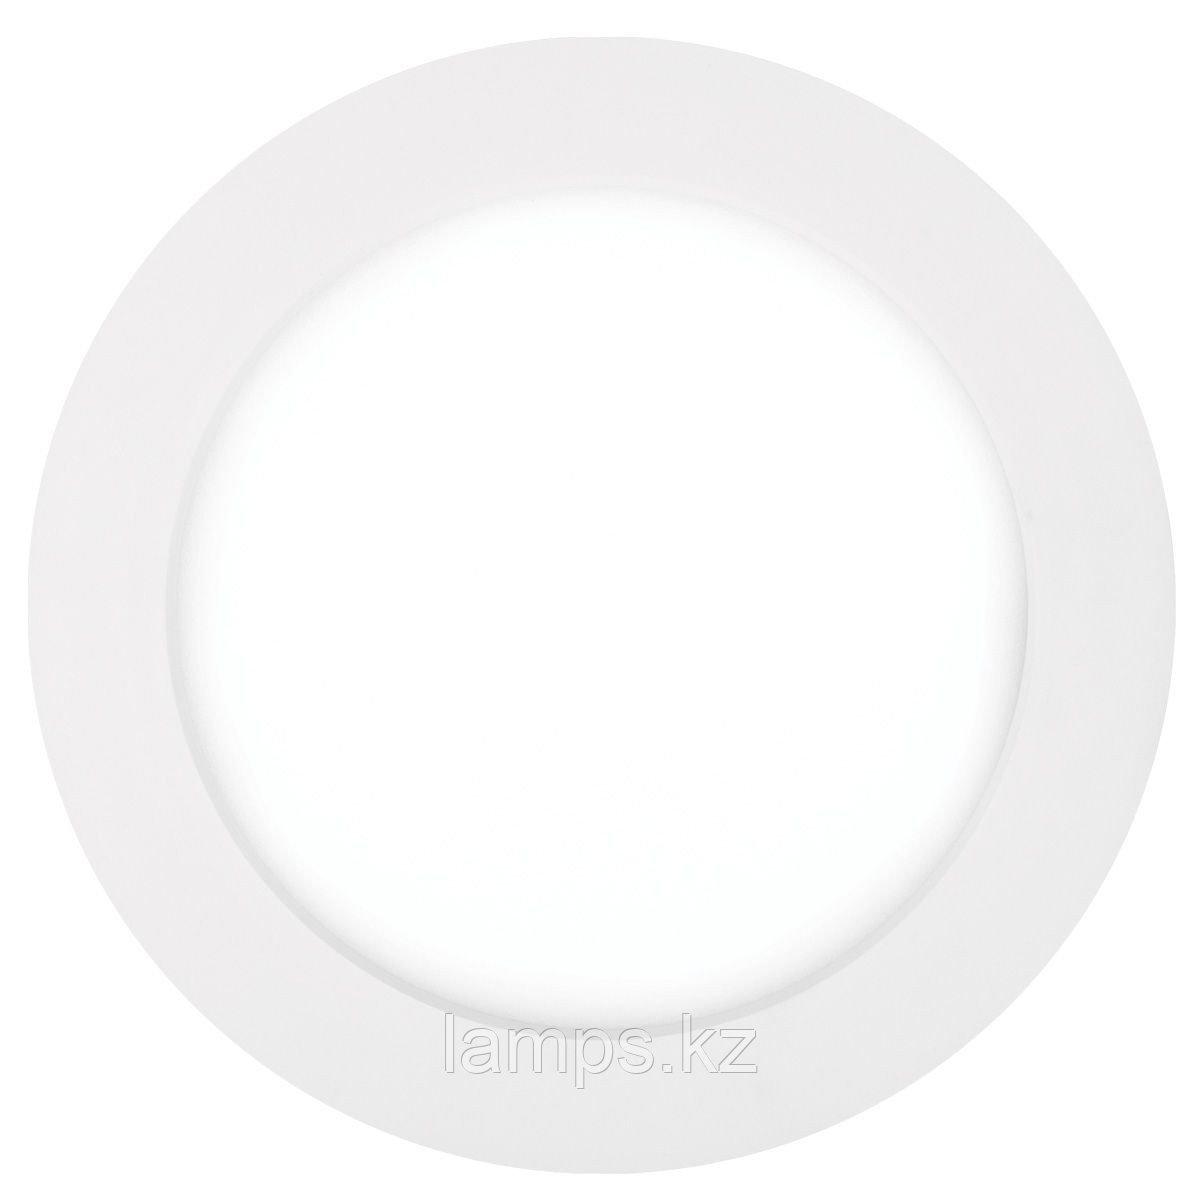 Панель светодиодная, круглая, белая, встраиваемая, потолочная DL LED ROUND PANEL 12W 4500K